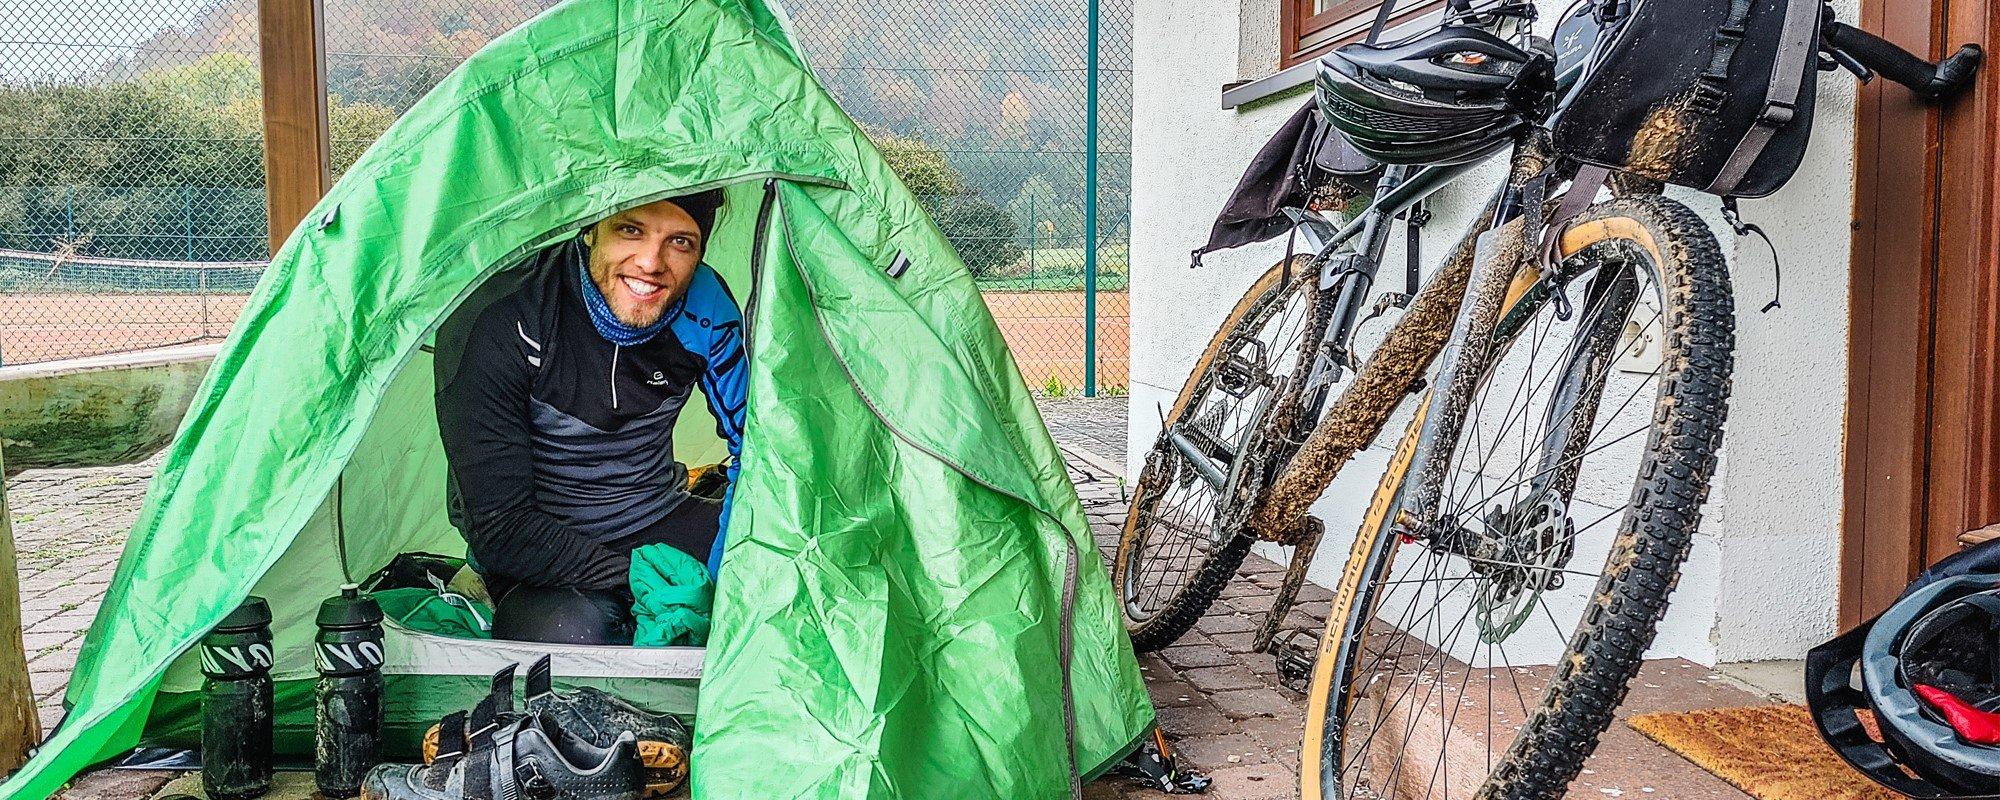 Ausrüstung für den Bikepacking Overnighter - Eine Nacht draußen Schlafen